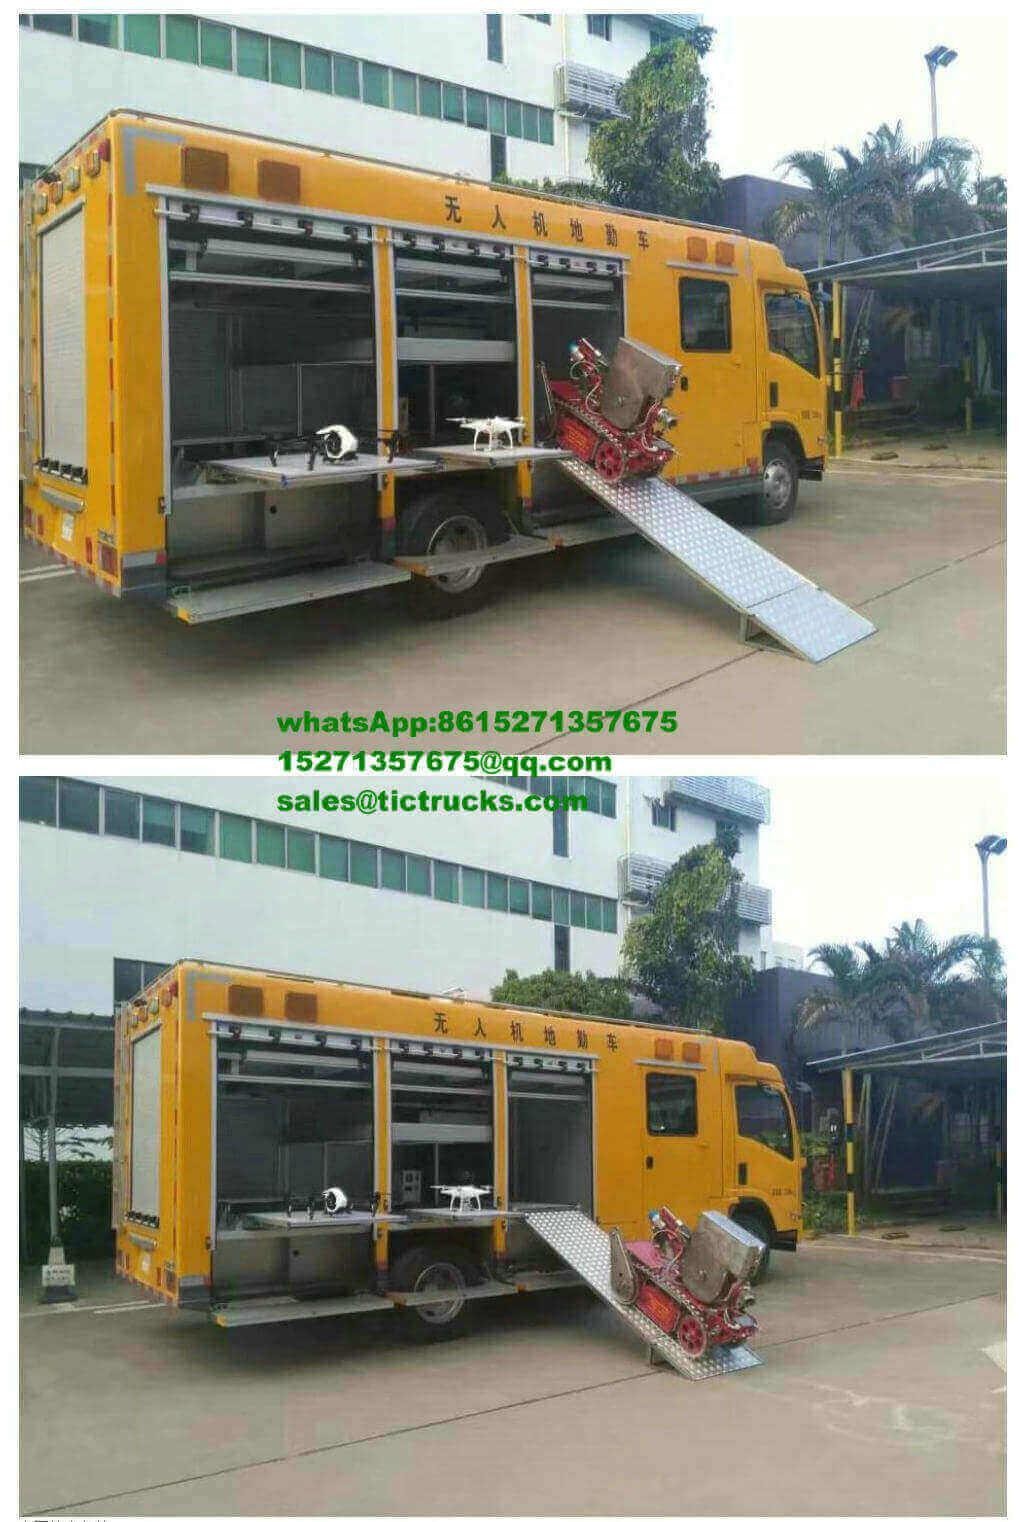 unmanned drone ground vehicle-22-ISUZU-700-truck_1.jpg